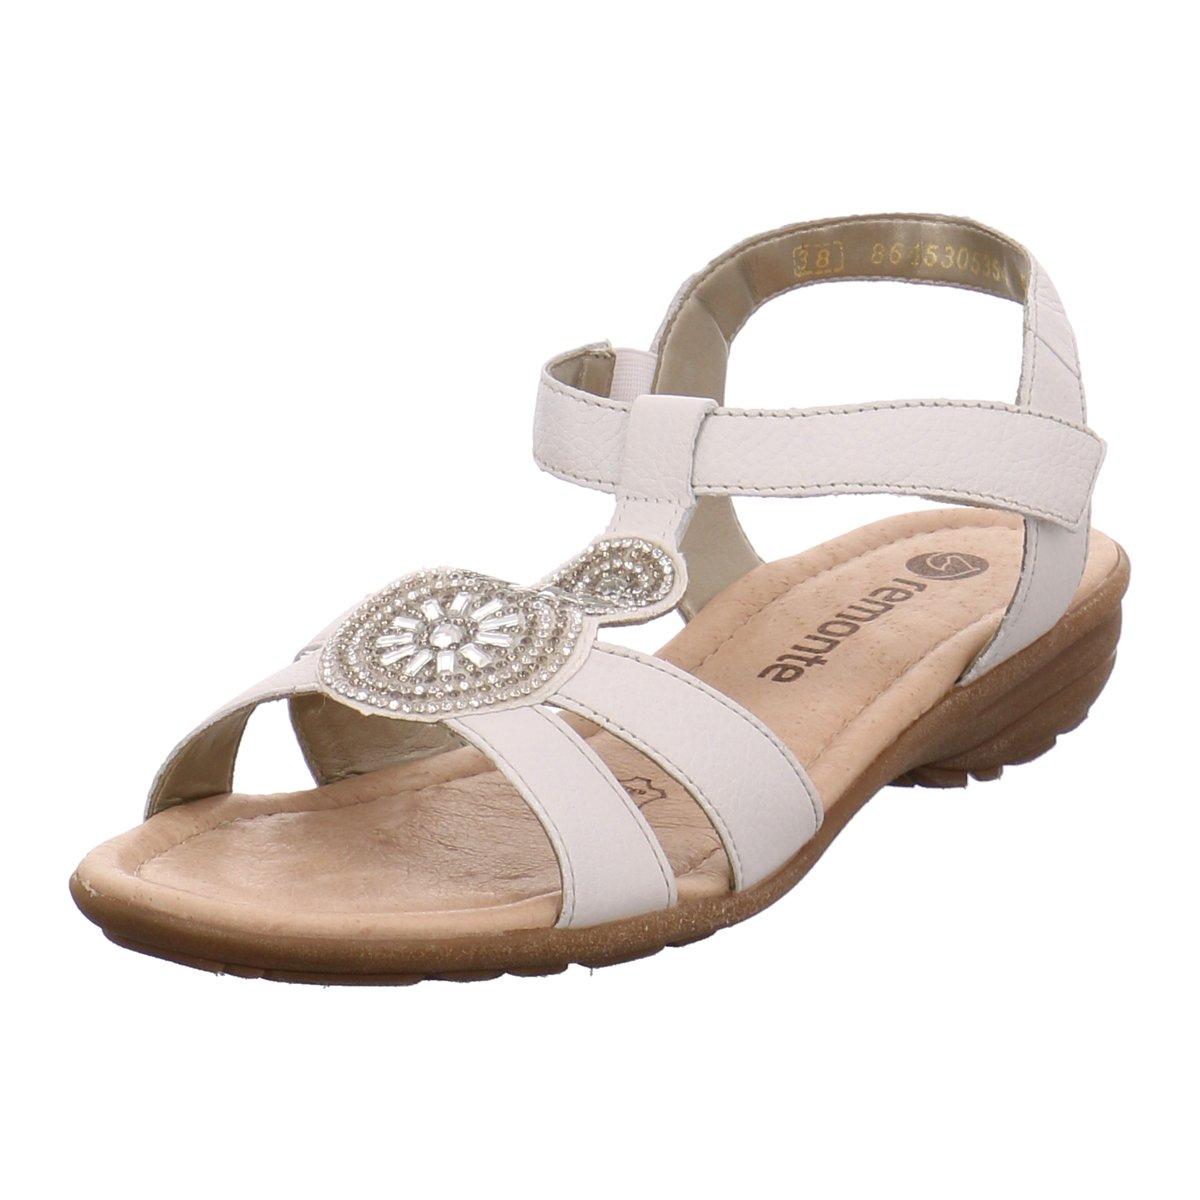 Remonte Damen Sandaletten R3641-81 weiß 292591  | Angemessene Lieferung und pünktliche Lieferung